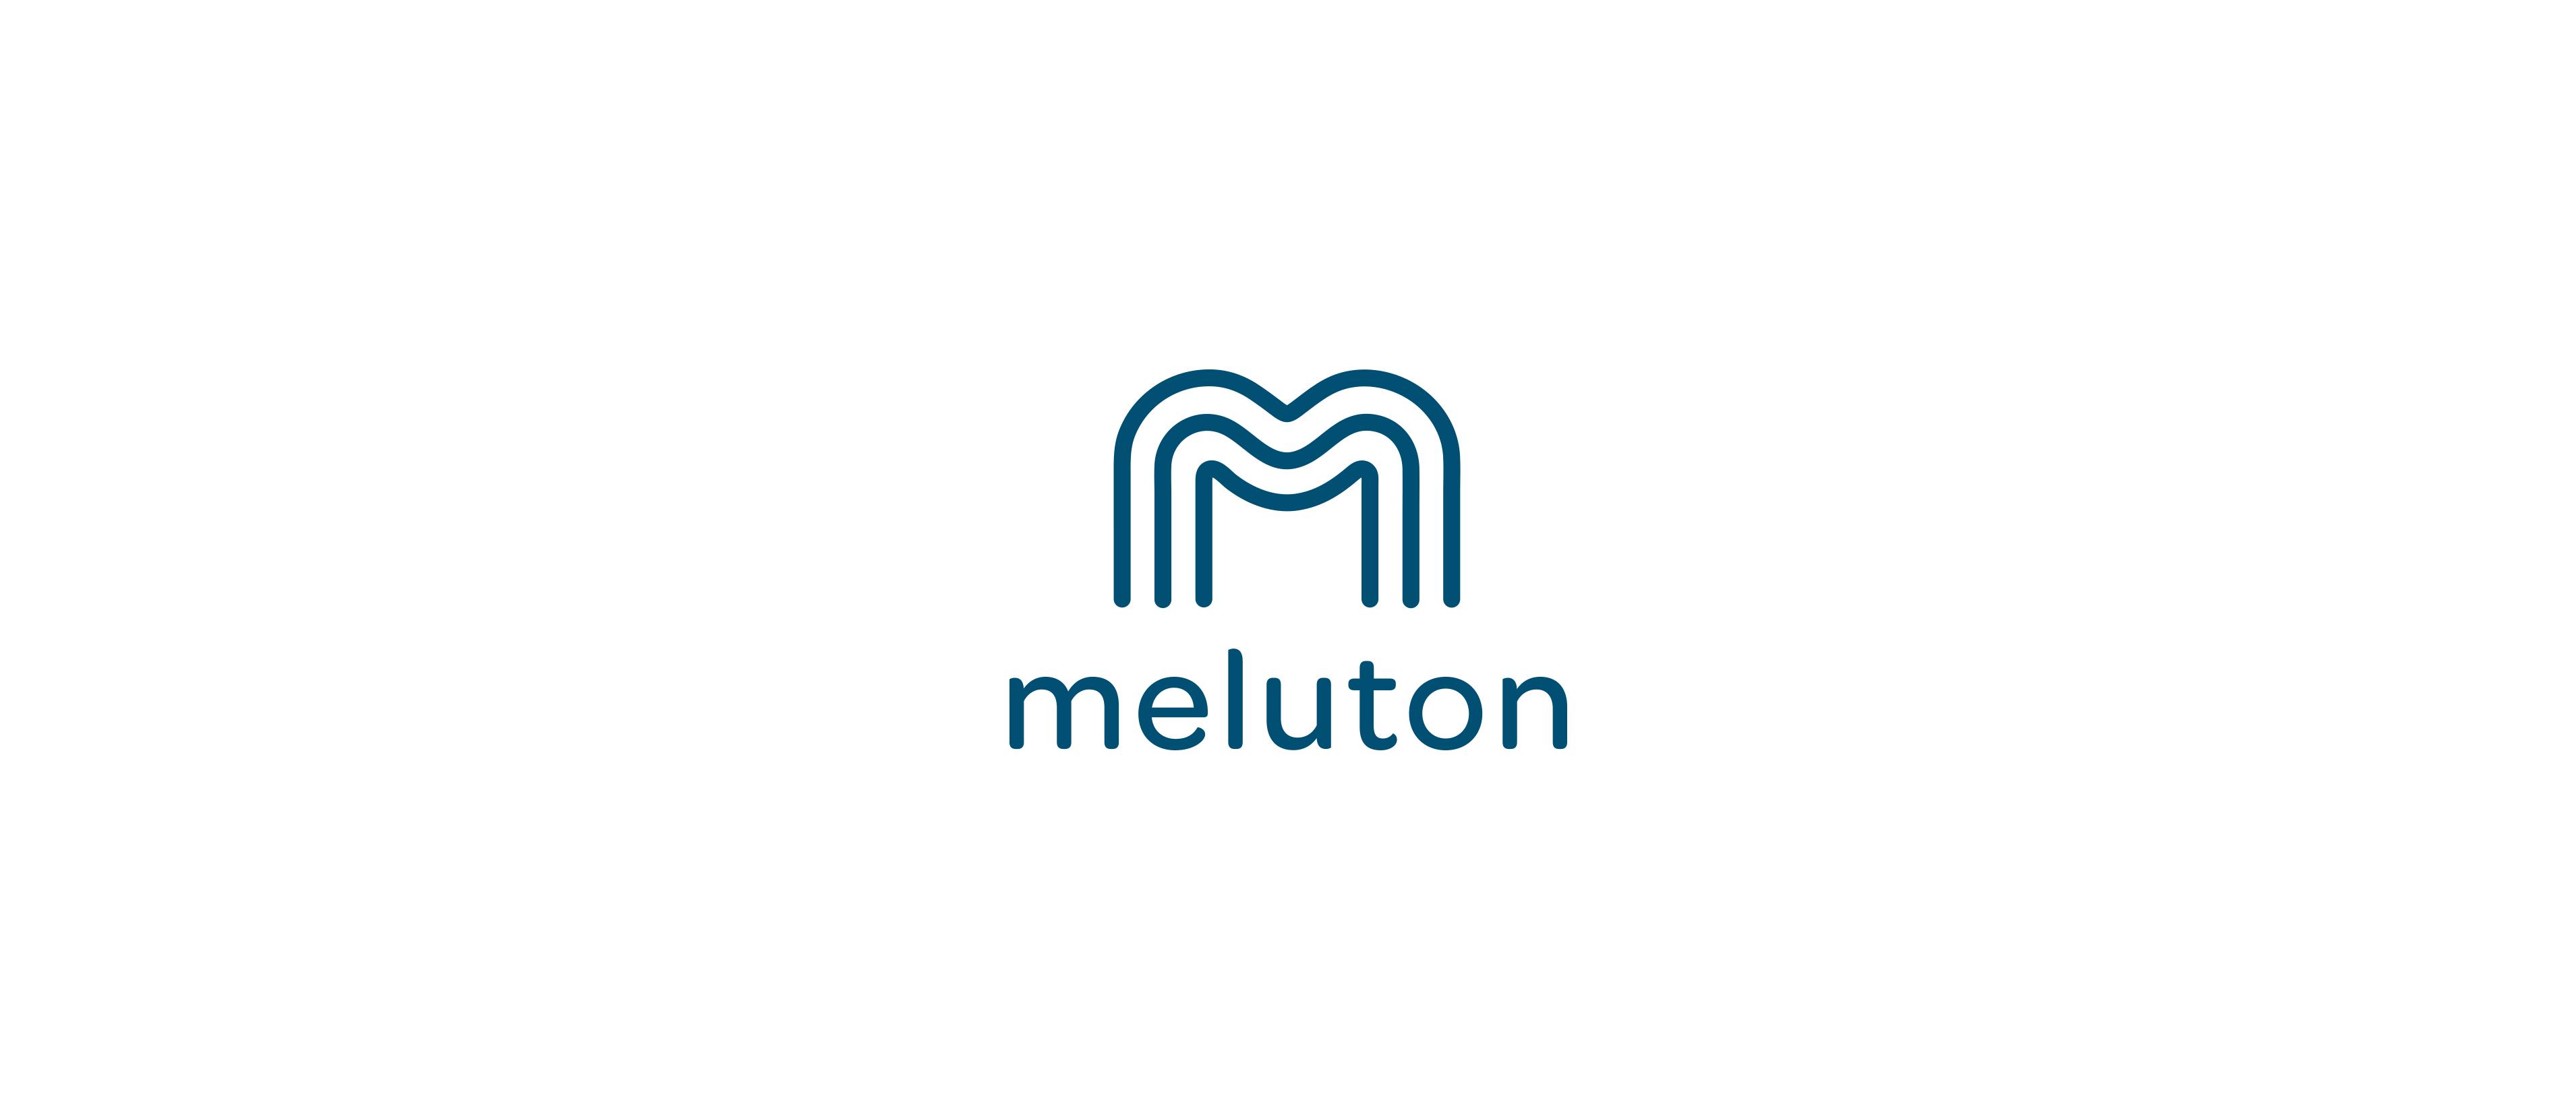 Meluton_logo_1